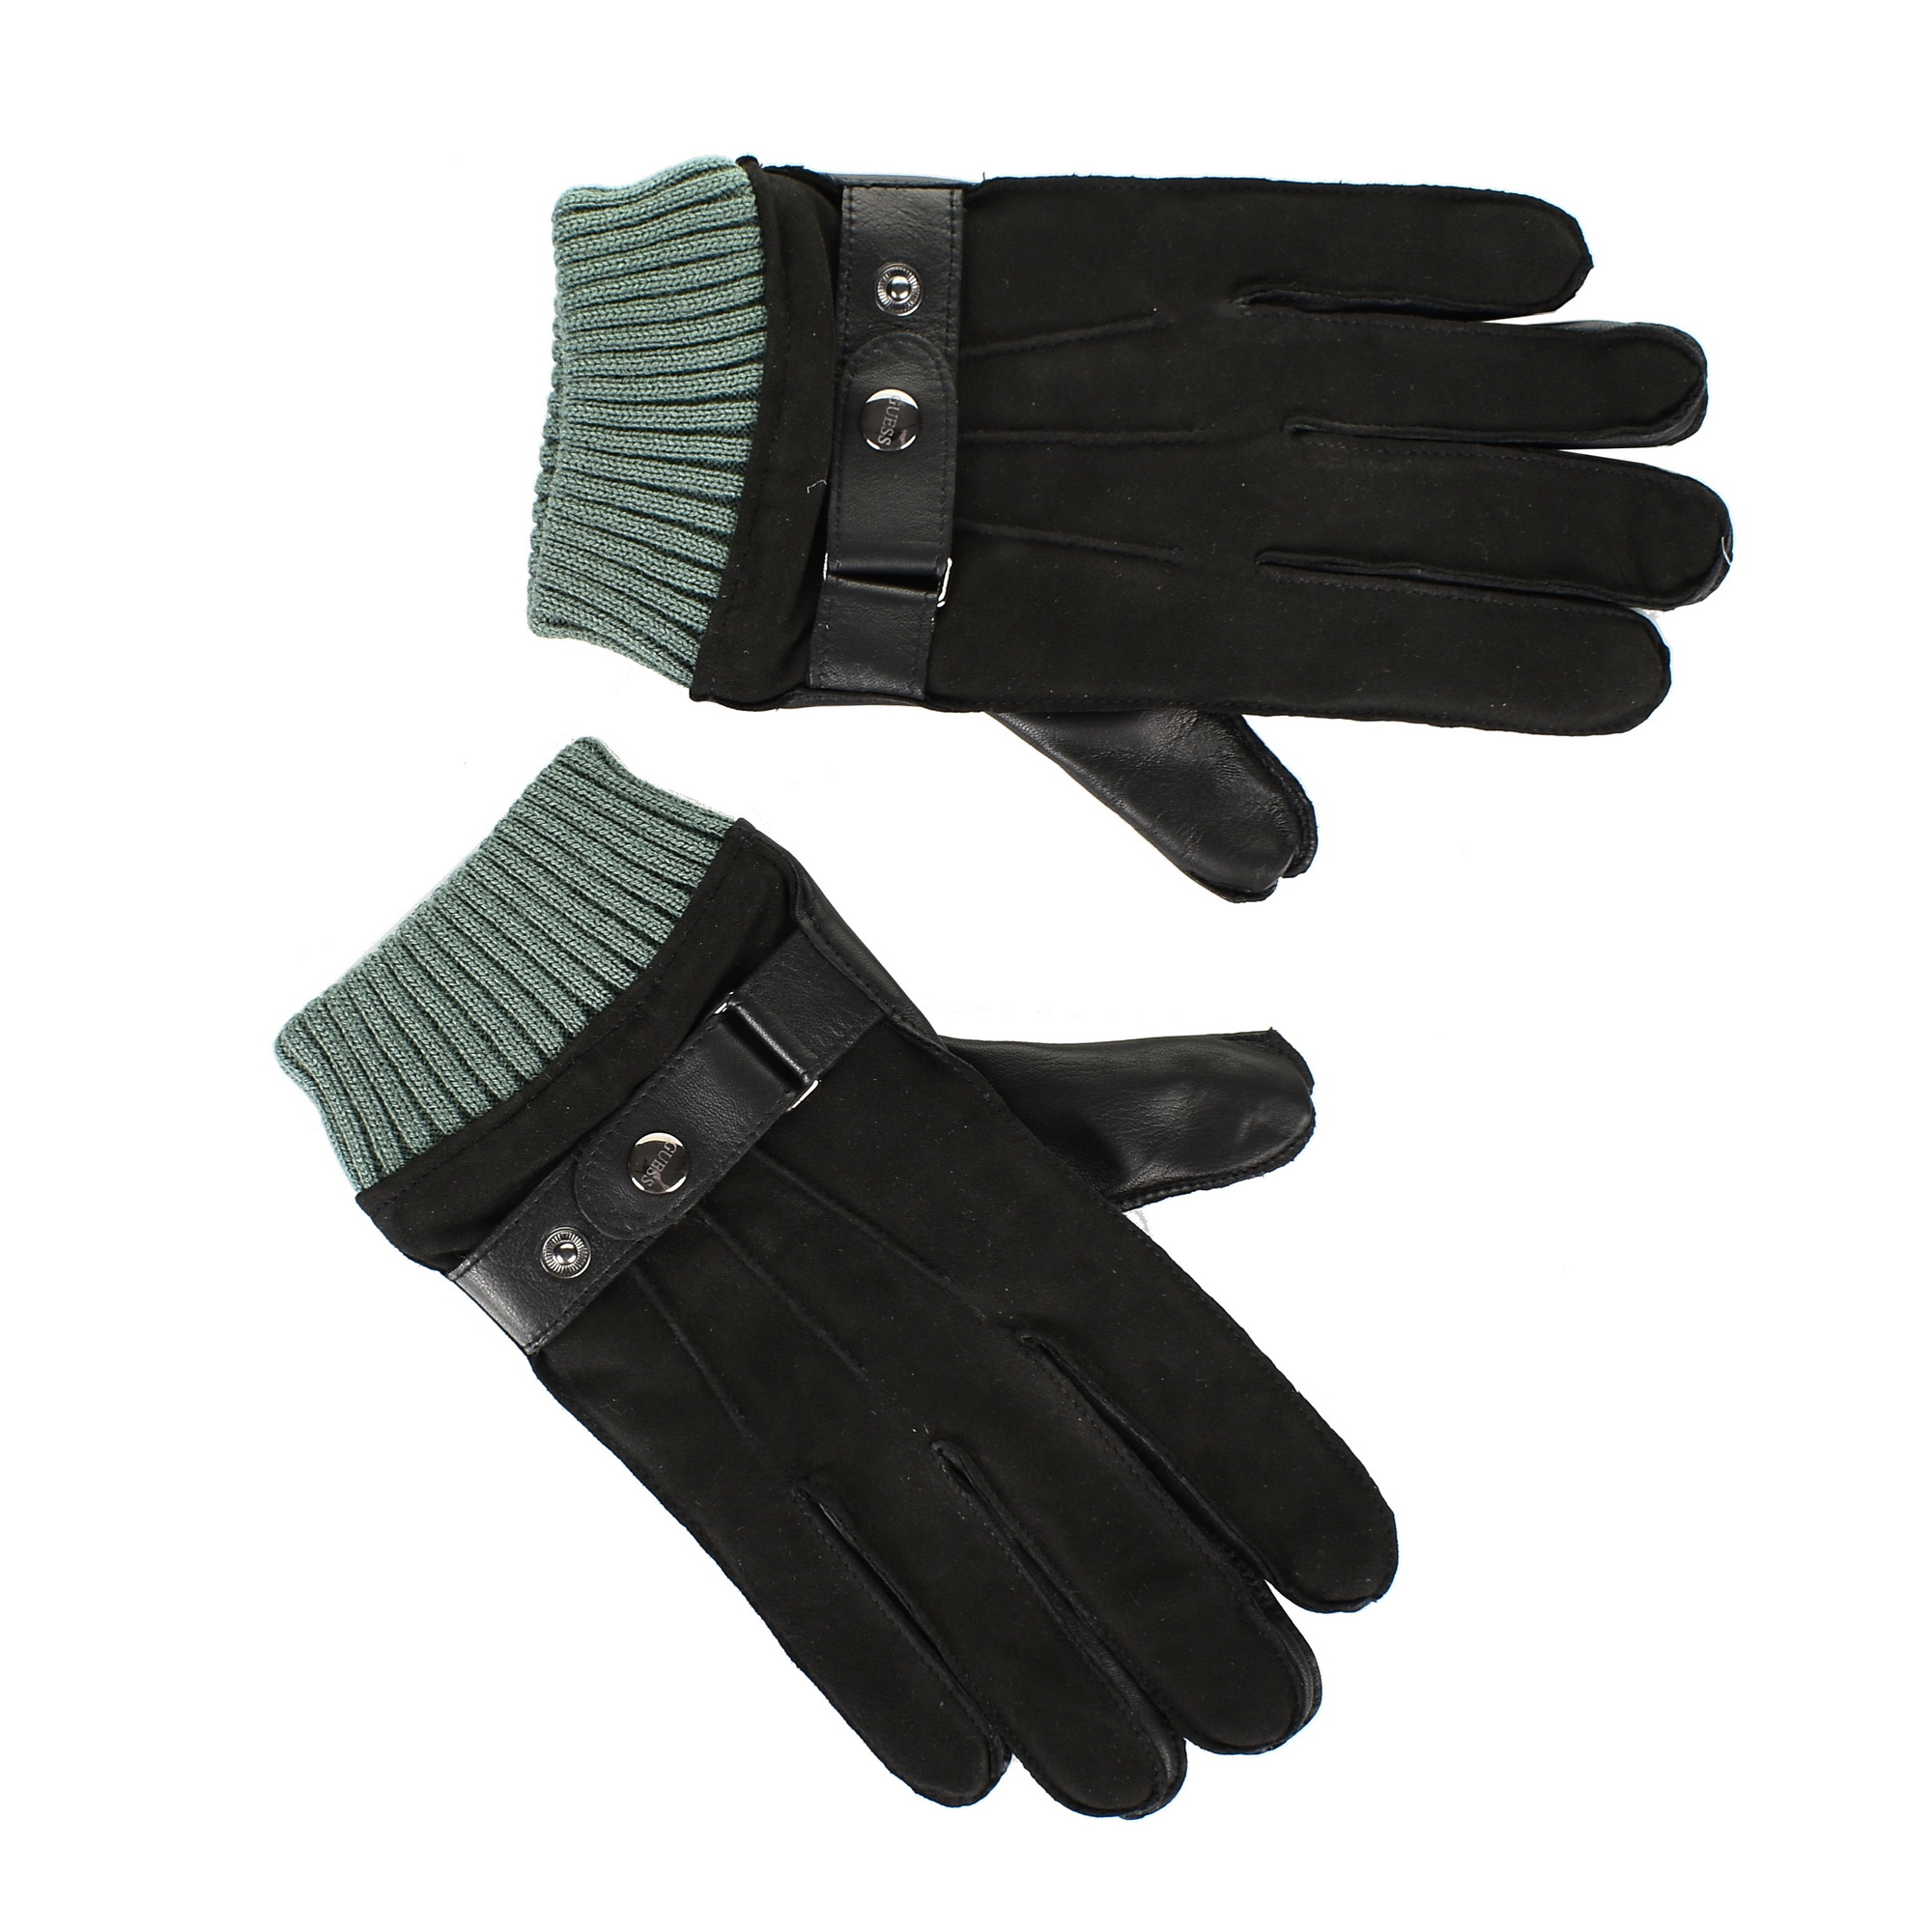 Εικόνα του προϊόντος Δερμάτινα Γάντια Guess AM8575LEA02